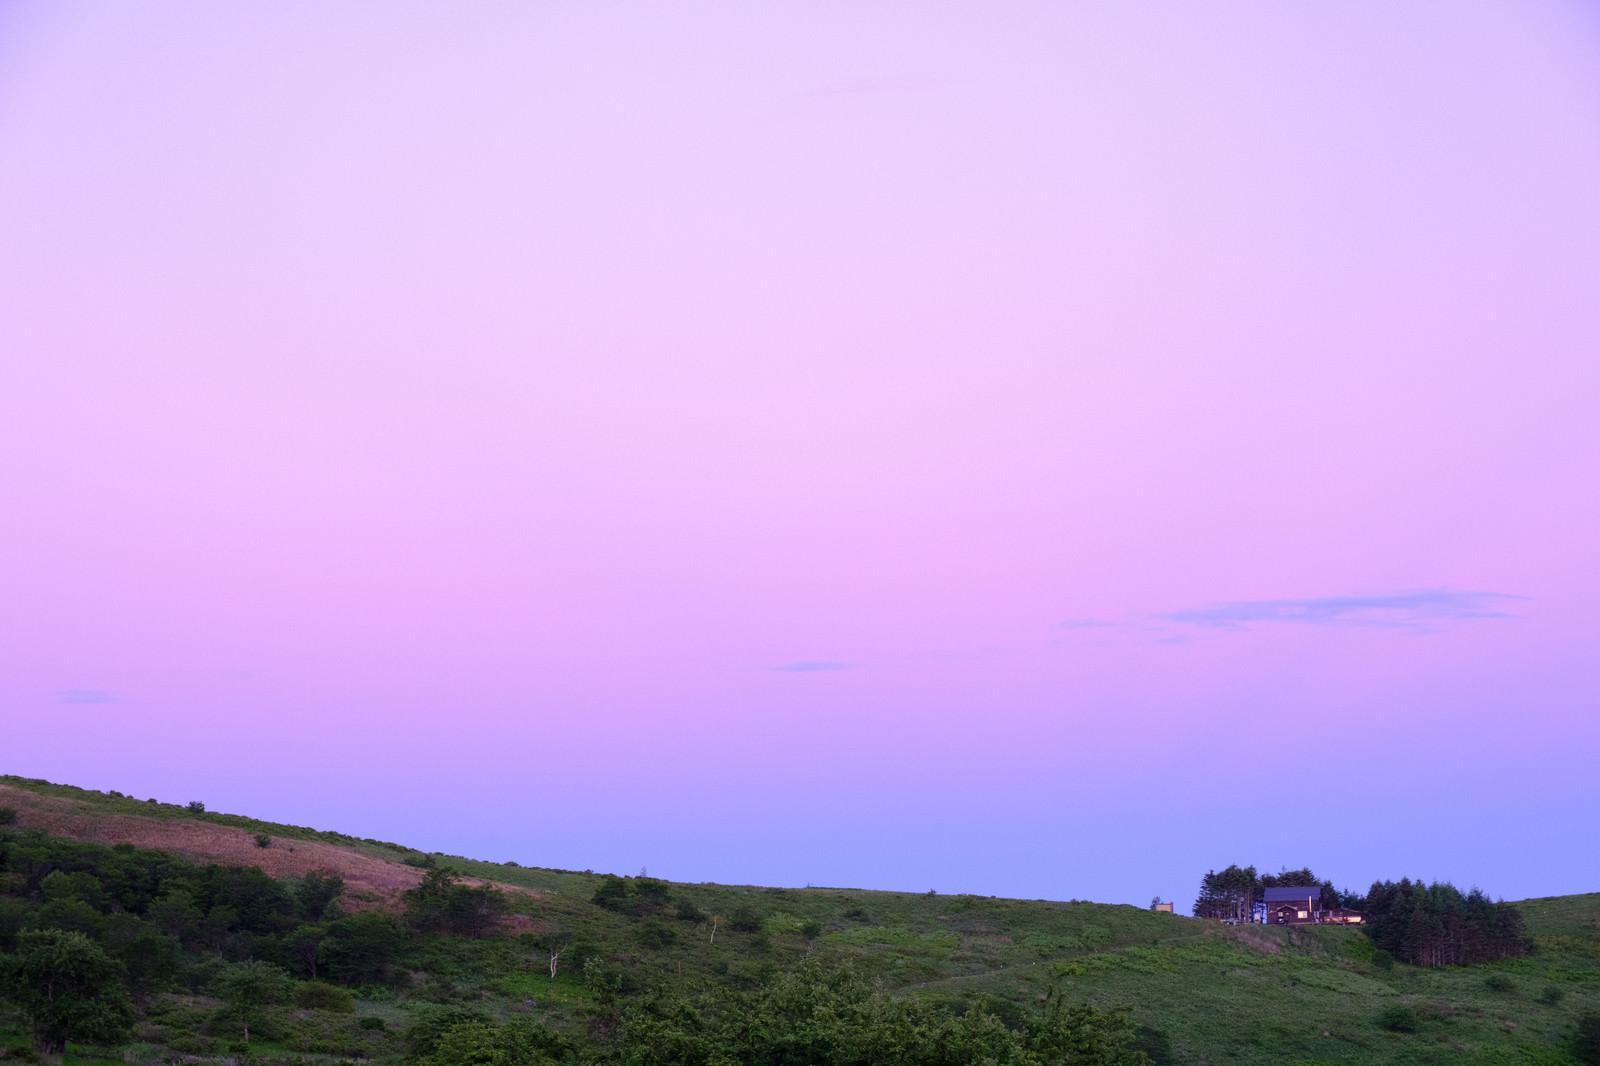 「紫の空と霧ヶ峰高原」の写真